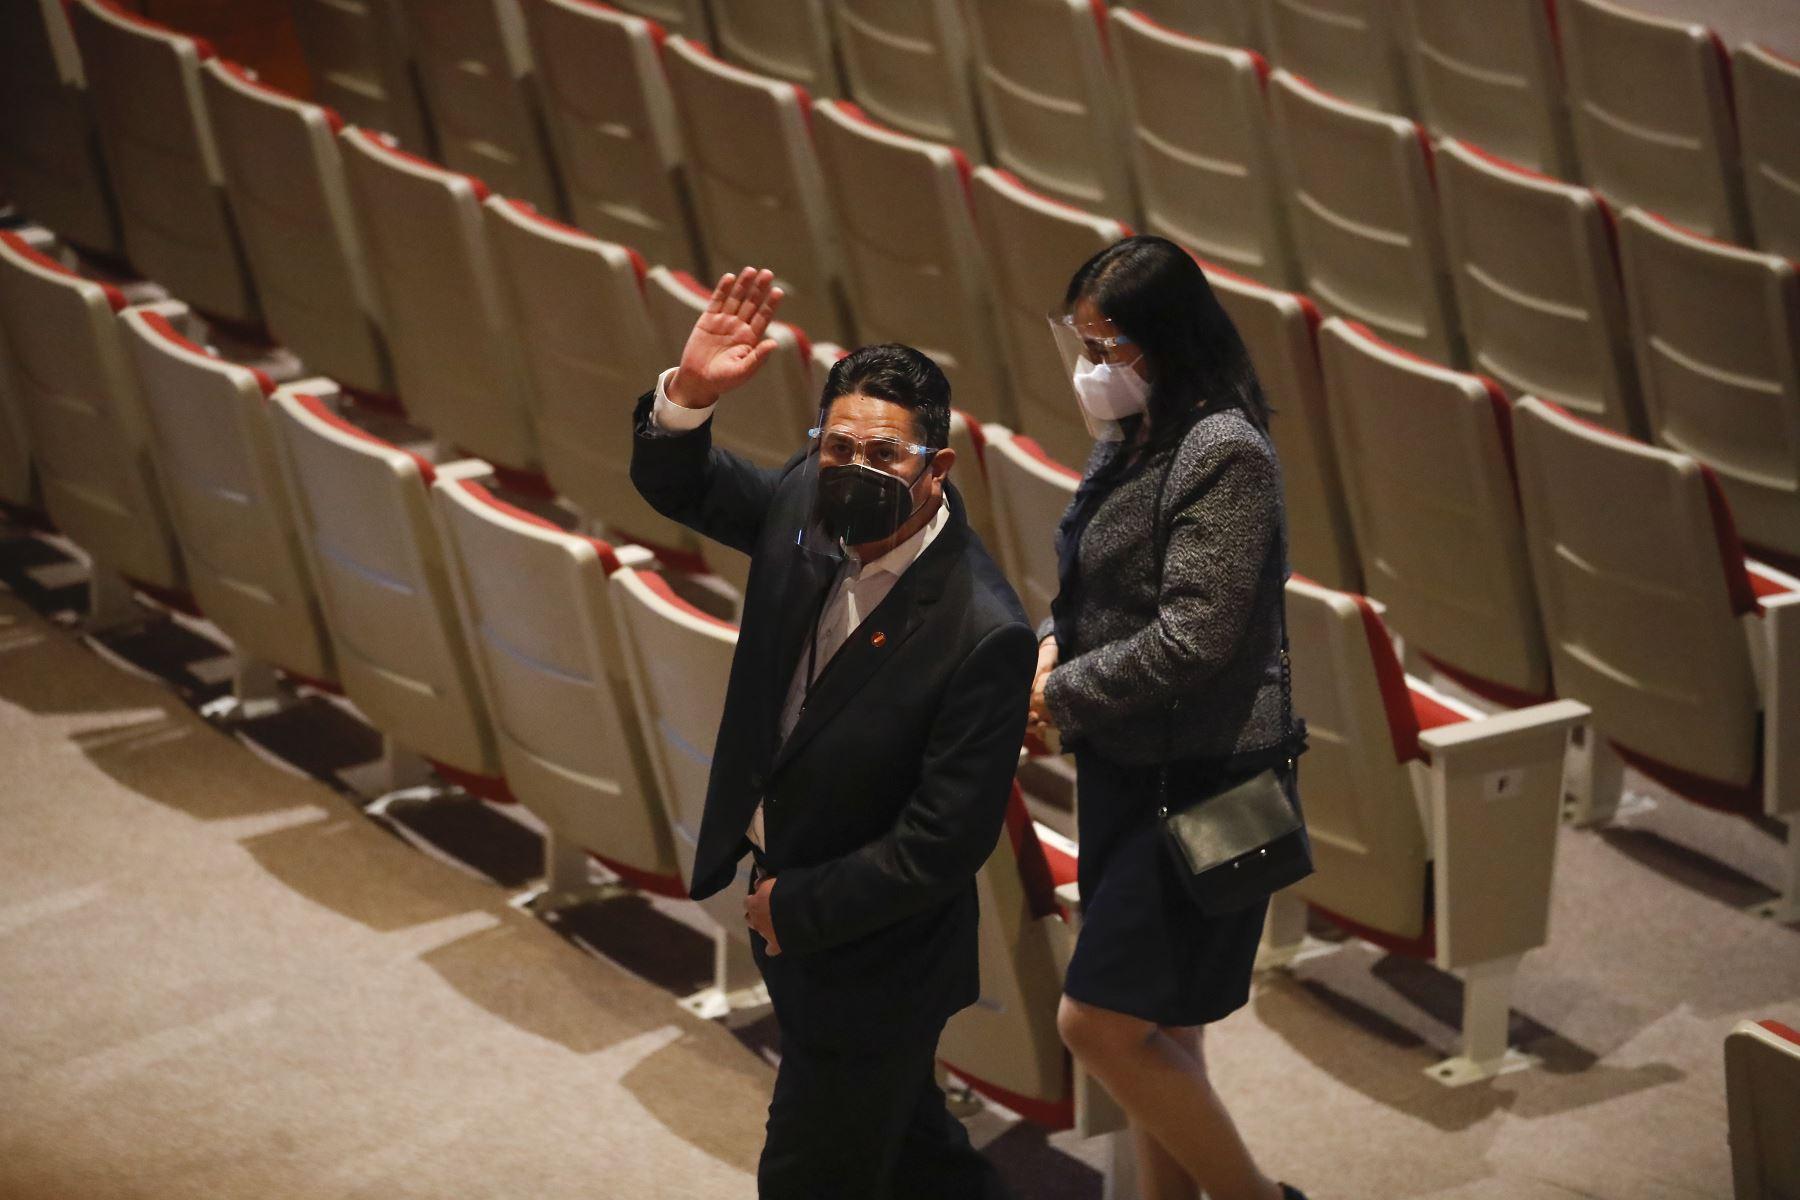 Pedro Castillo recibe credencial como presidente electo de la República del Perú para el periodo 2021-2026. Participa en la ceremonia, Vladimir Cerrón, secretario general de Perú Libre. Foto: ANDINA/Juan Carlos Guzmán